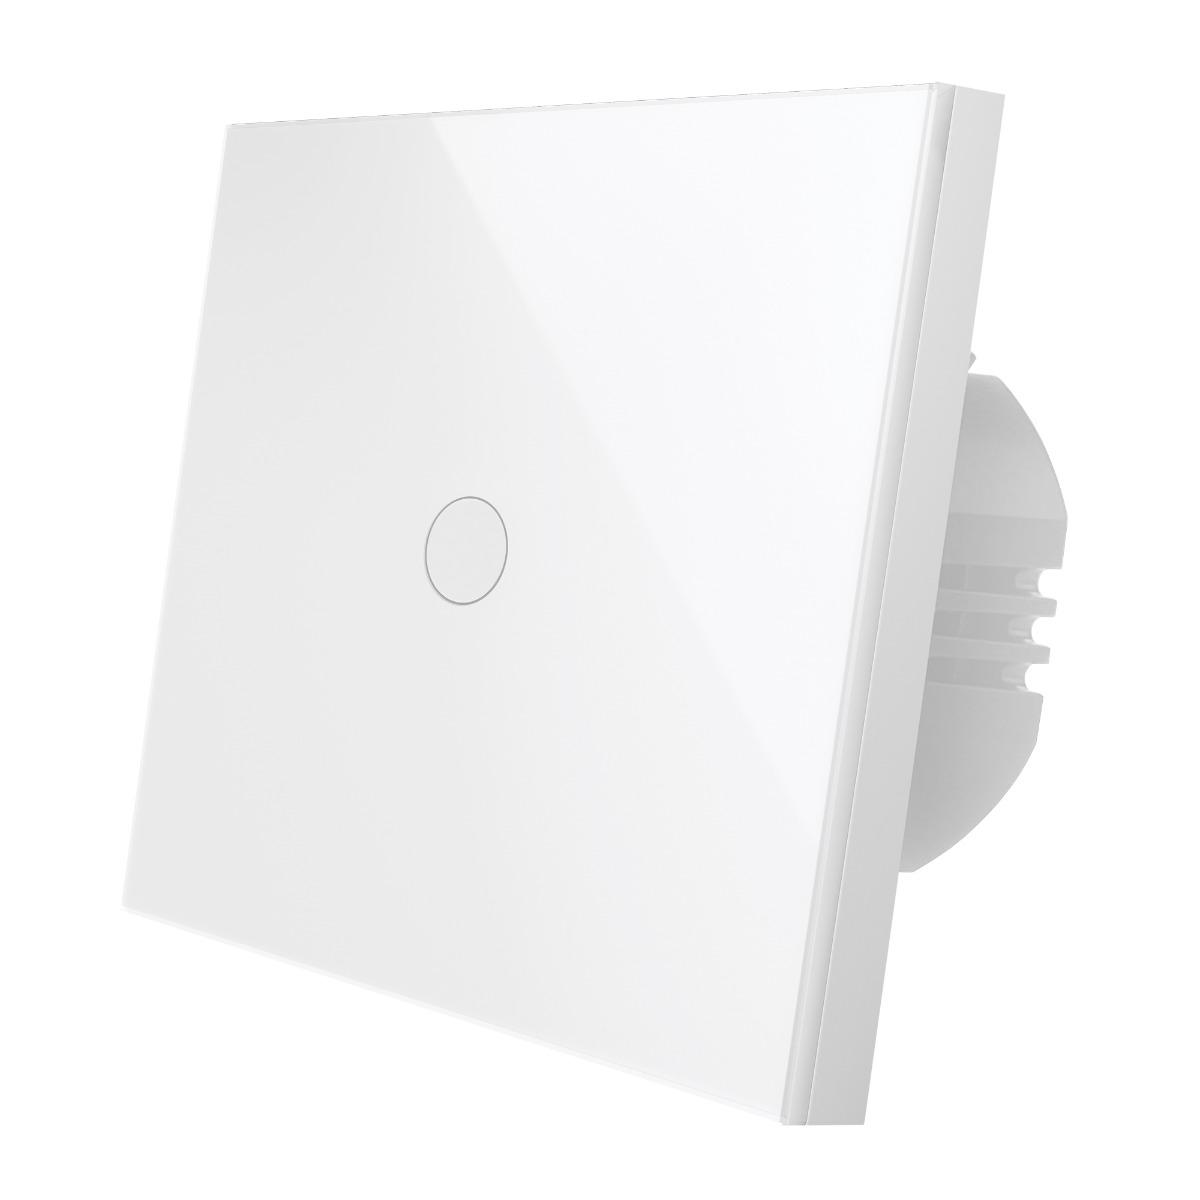 Wi-Fi выключатель одноканальный